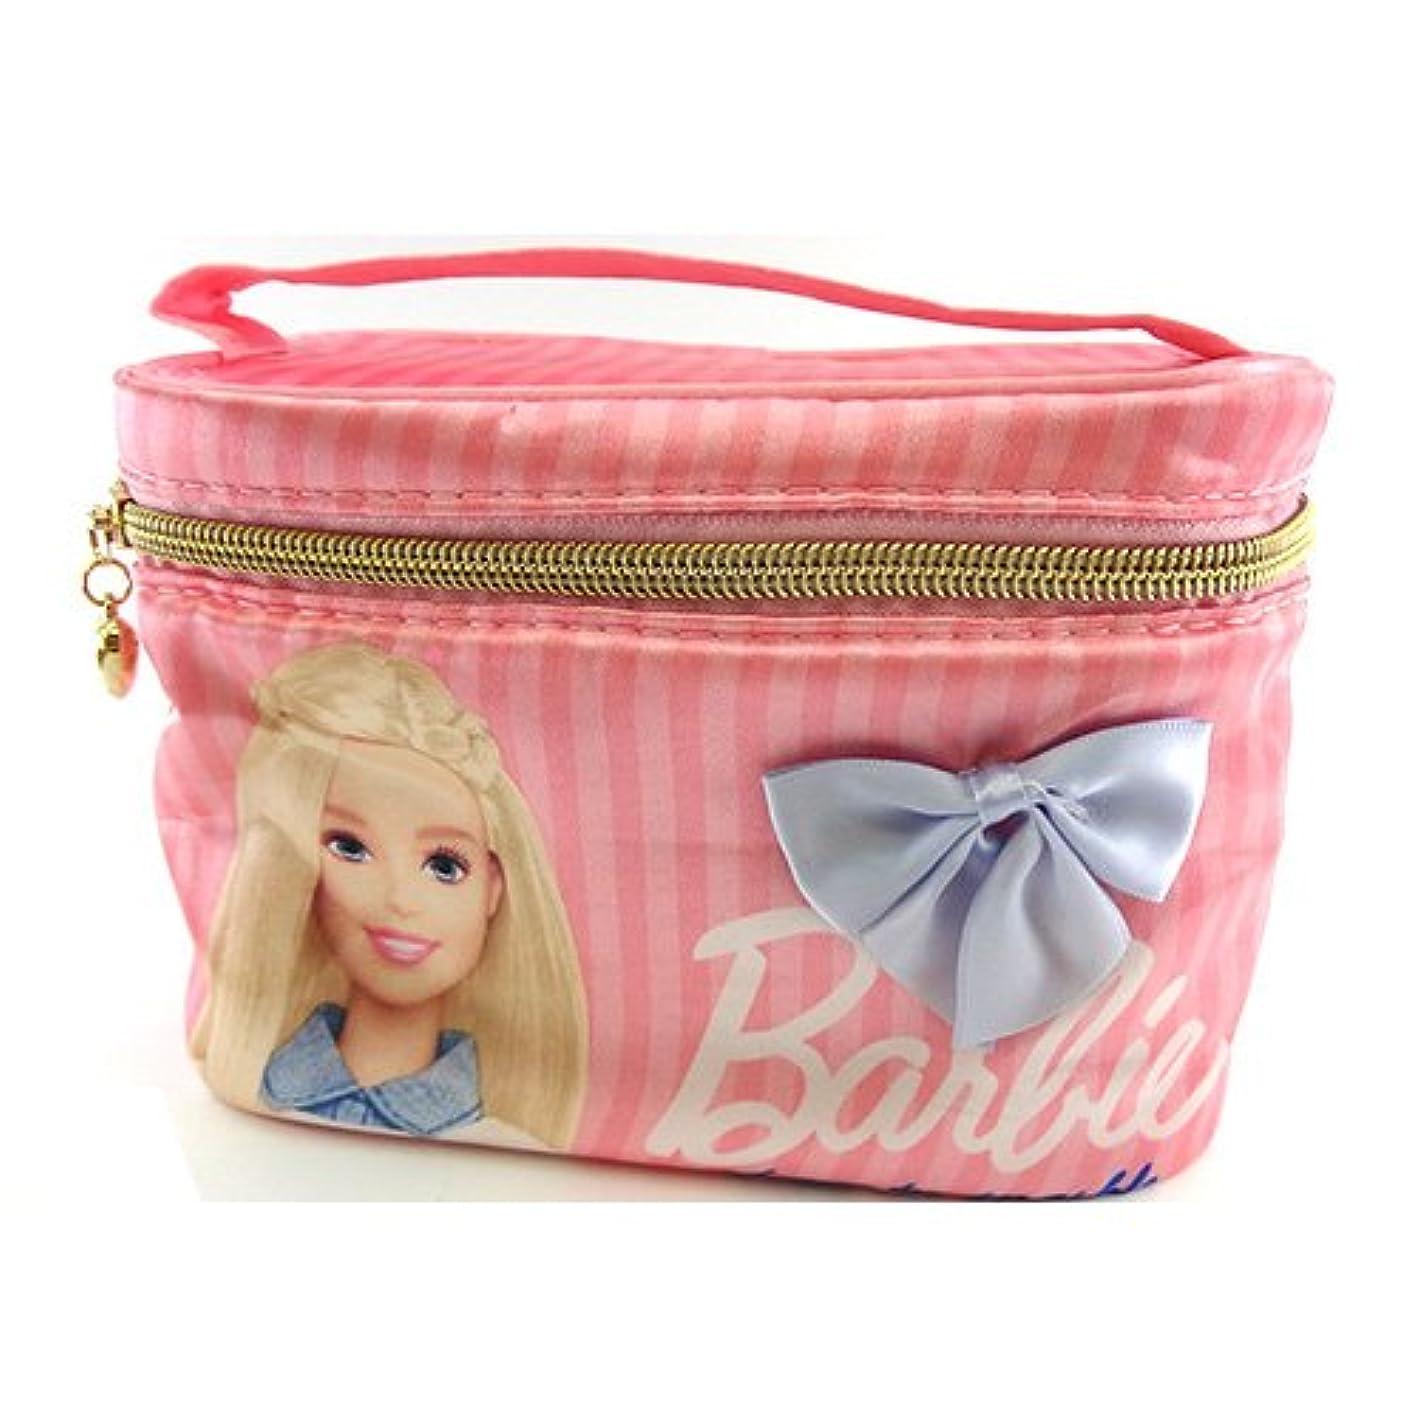 ありがたいオーナメント論争的バービー Barbie サテン バニティポーチ ライトピンク 11665【Barbie ポーチ メイク ピンク 化粧】